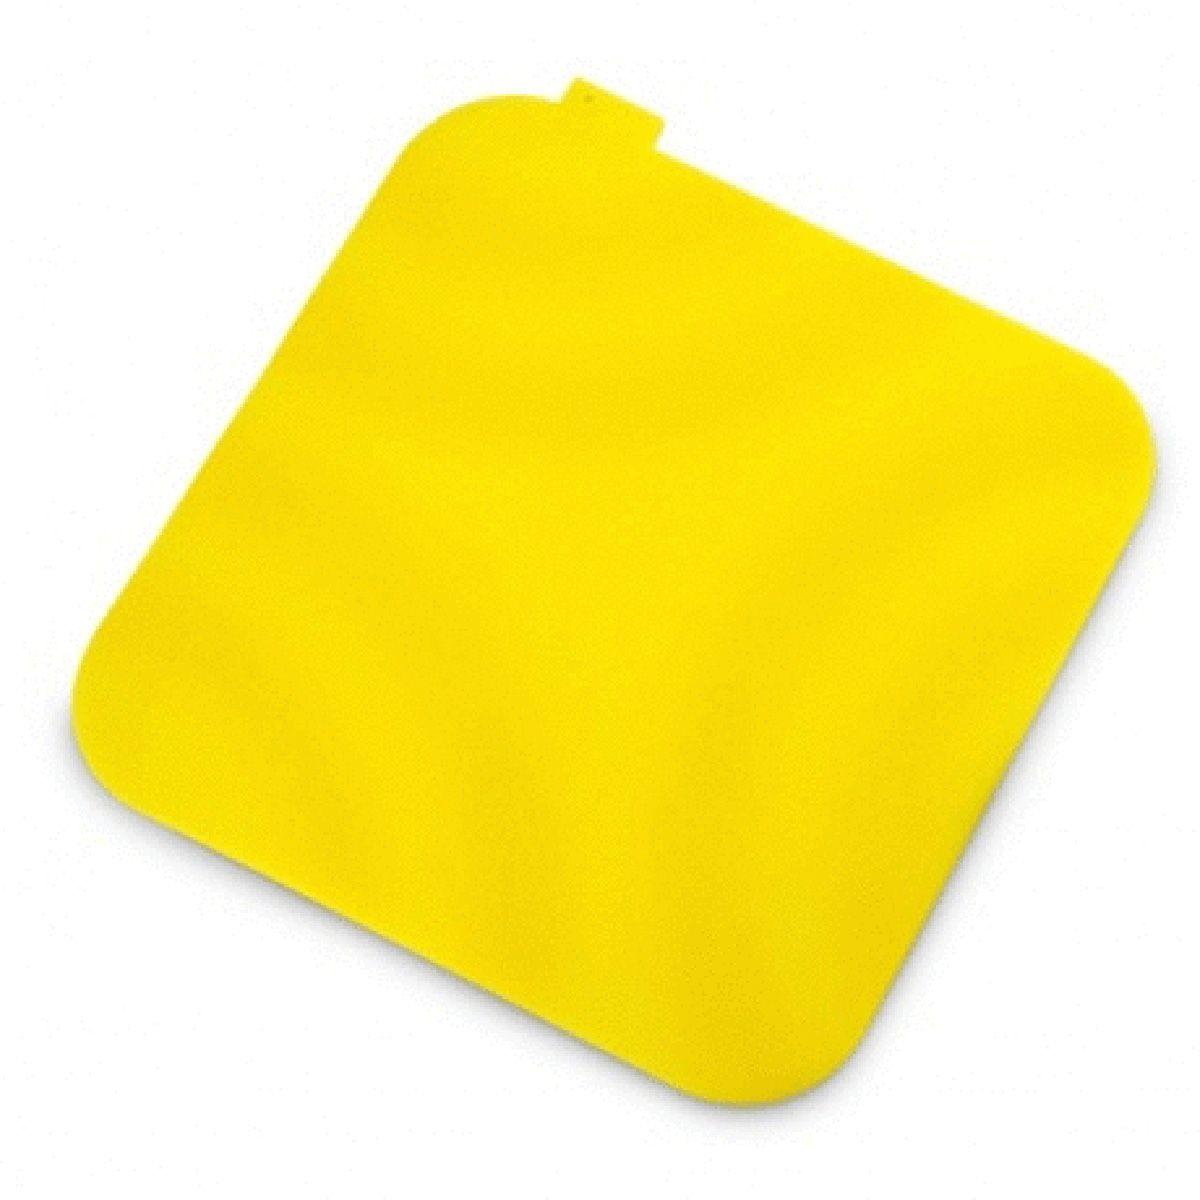 Подставка под горячее MoulinVilla, цвет: желтый, SIL-1115510Подставка под горячее MOULINvilla изготовлена из силикона, что позволяет ей выдерживать высокие температуры и не поцарапать поверхность стола. Материал не скользит по поверхности стола. Каждая хозяйка знает, что подставка под горячее - это незаменимый и очень полезный аксессуар на каждой кухне. Ваш стол будет не только украшен яркой и оригинальной подставкой, но и сбережен от воздействия высоких температур.